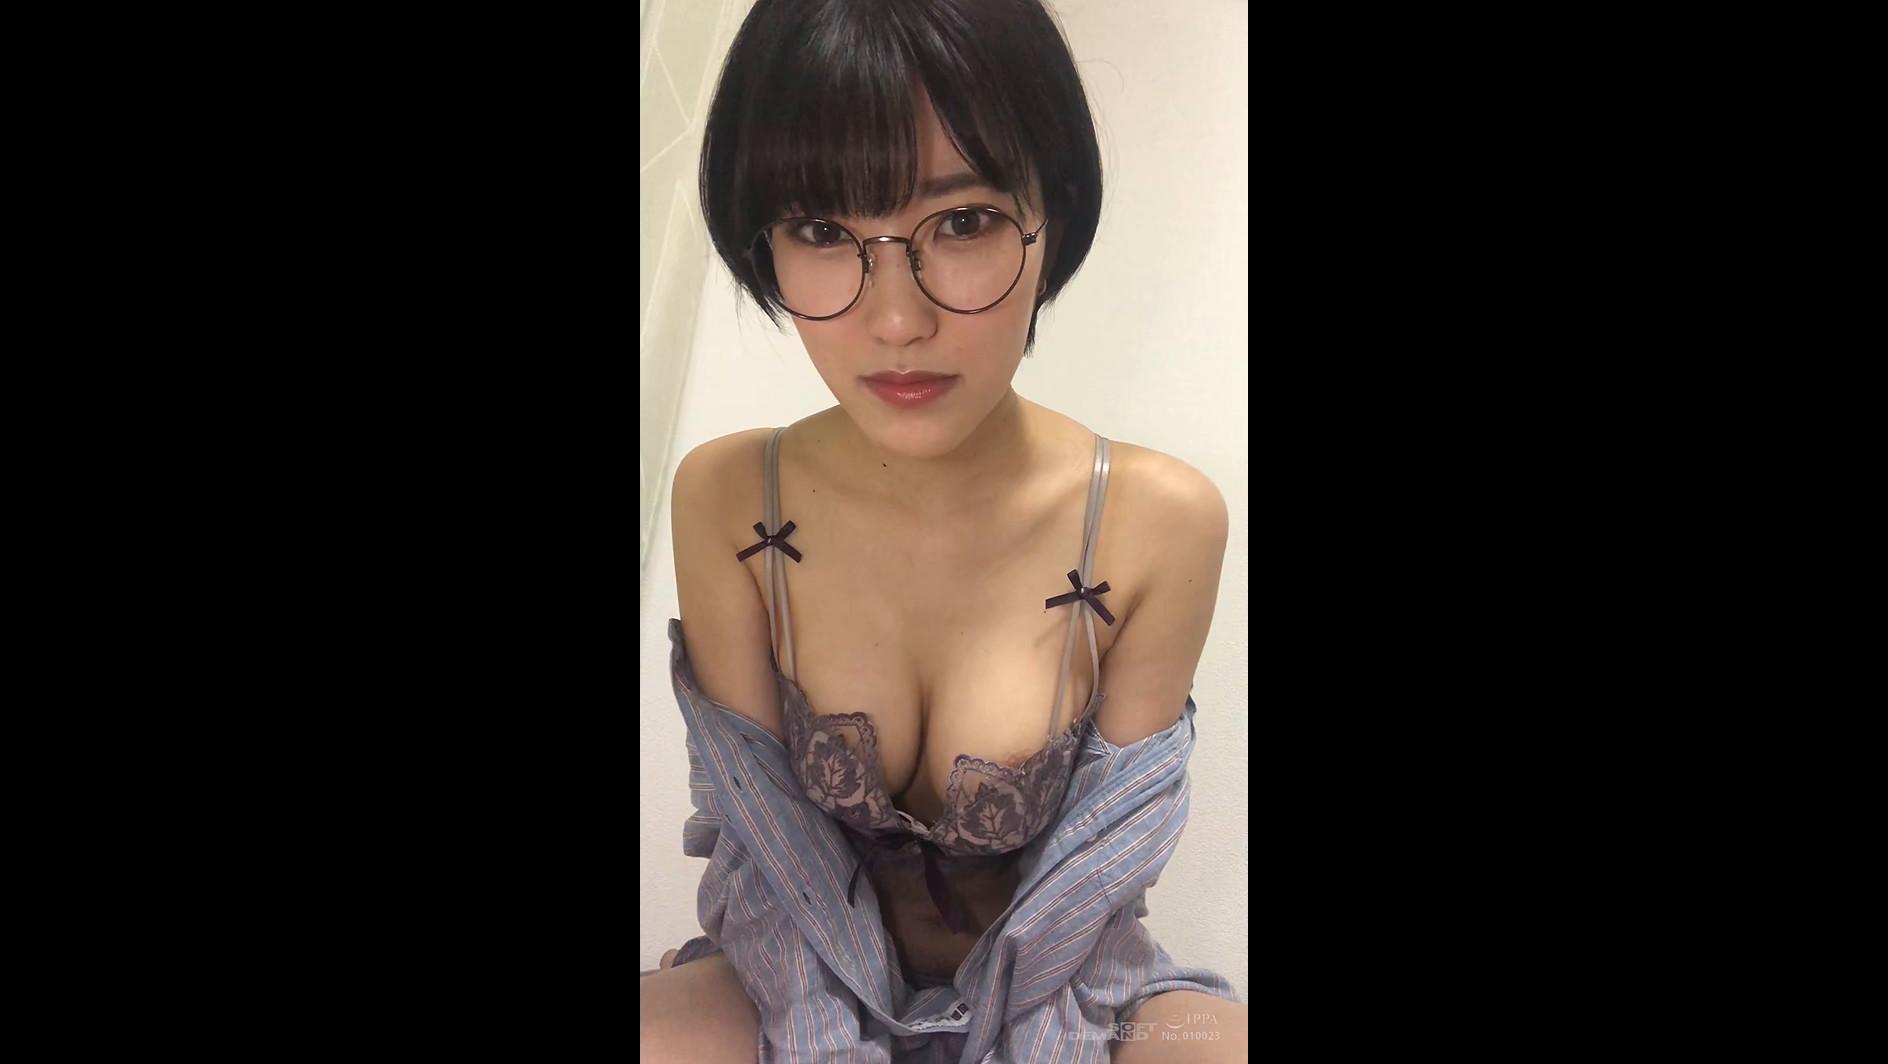 ビデオ通話エッチ JOI あおい 【縦動画】 画像2